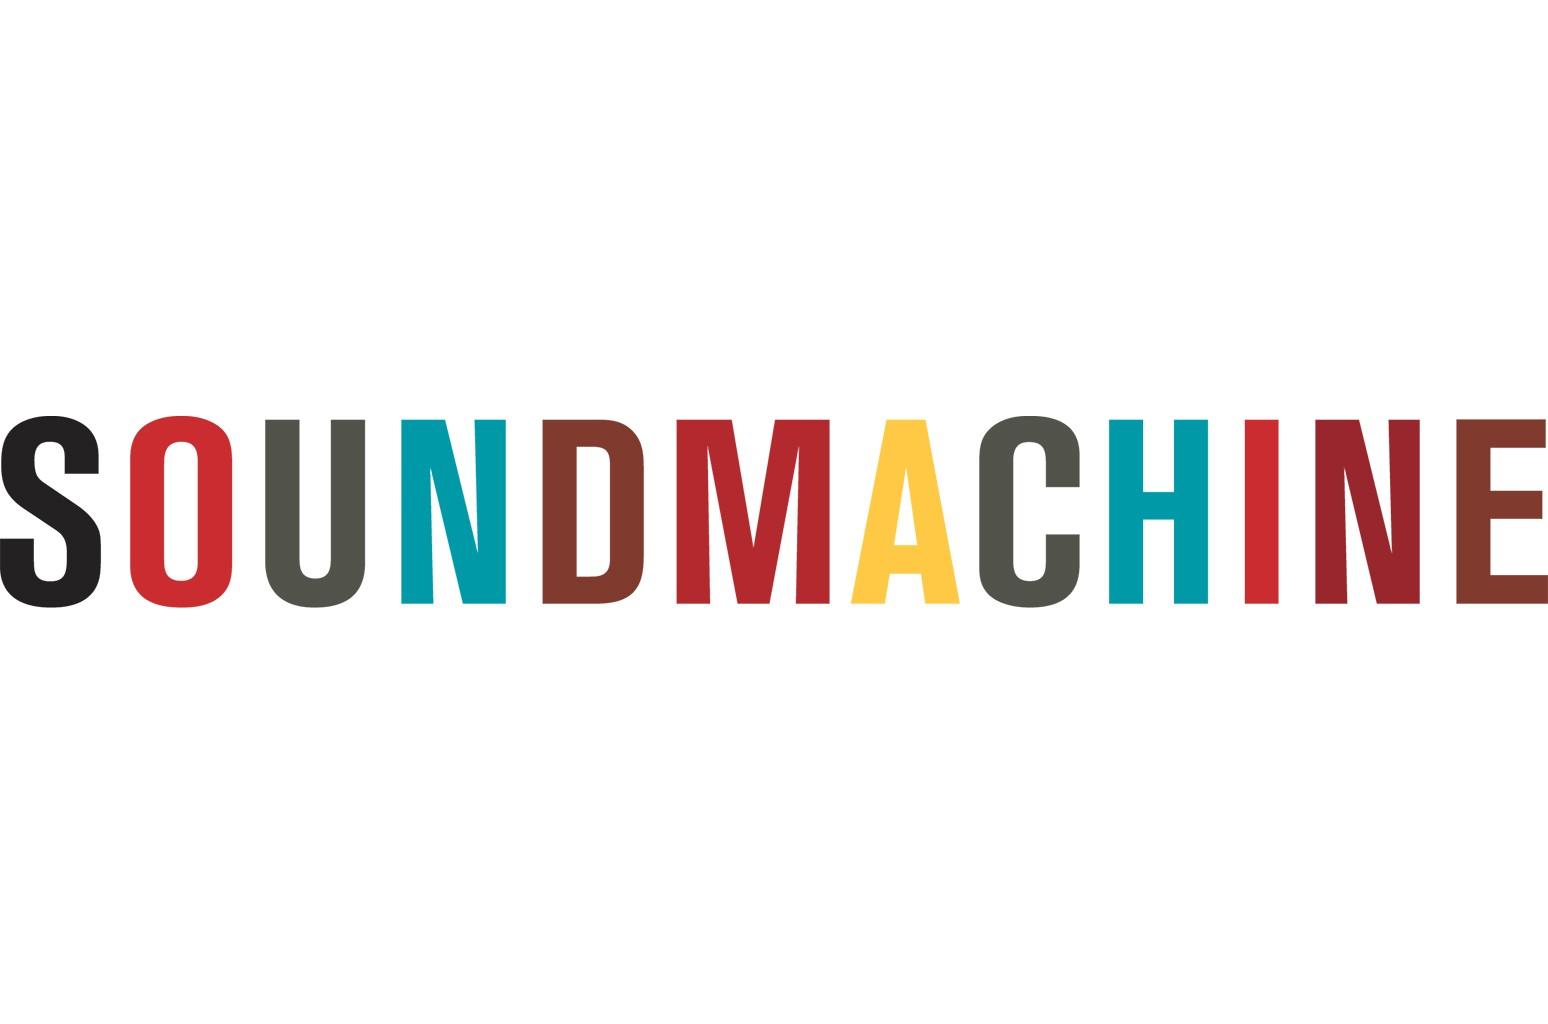 Soundmachine logo 2018